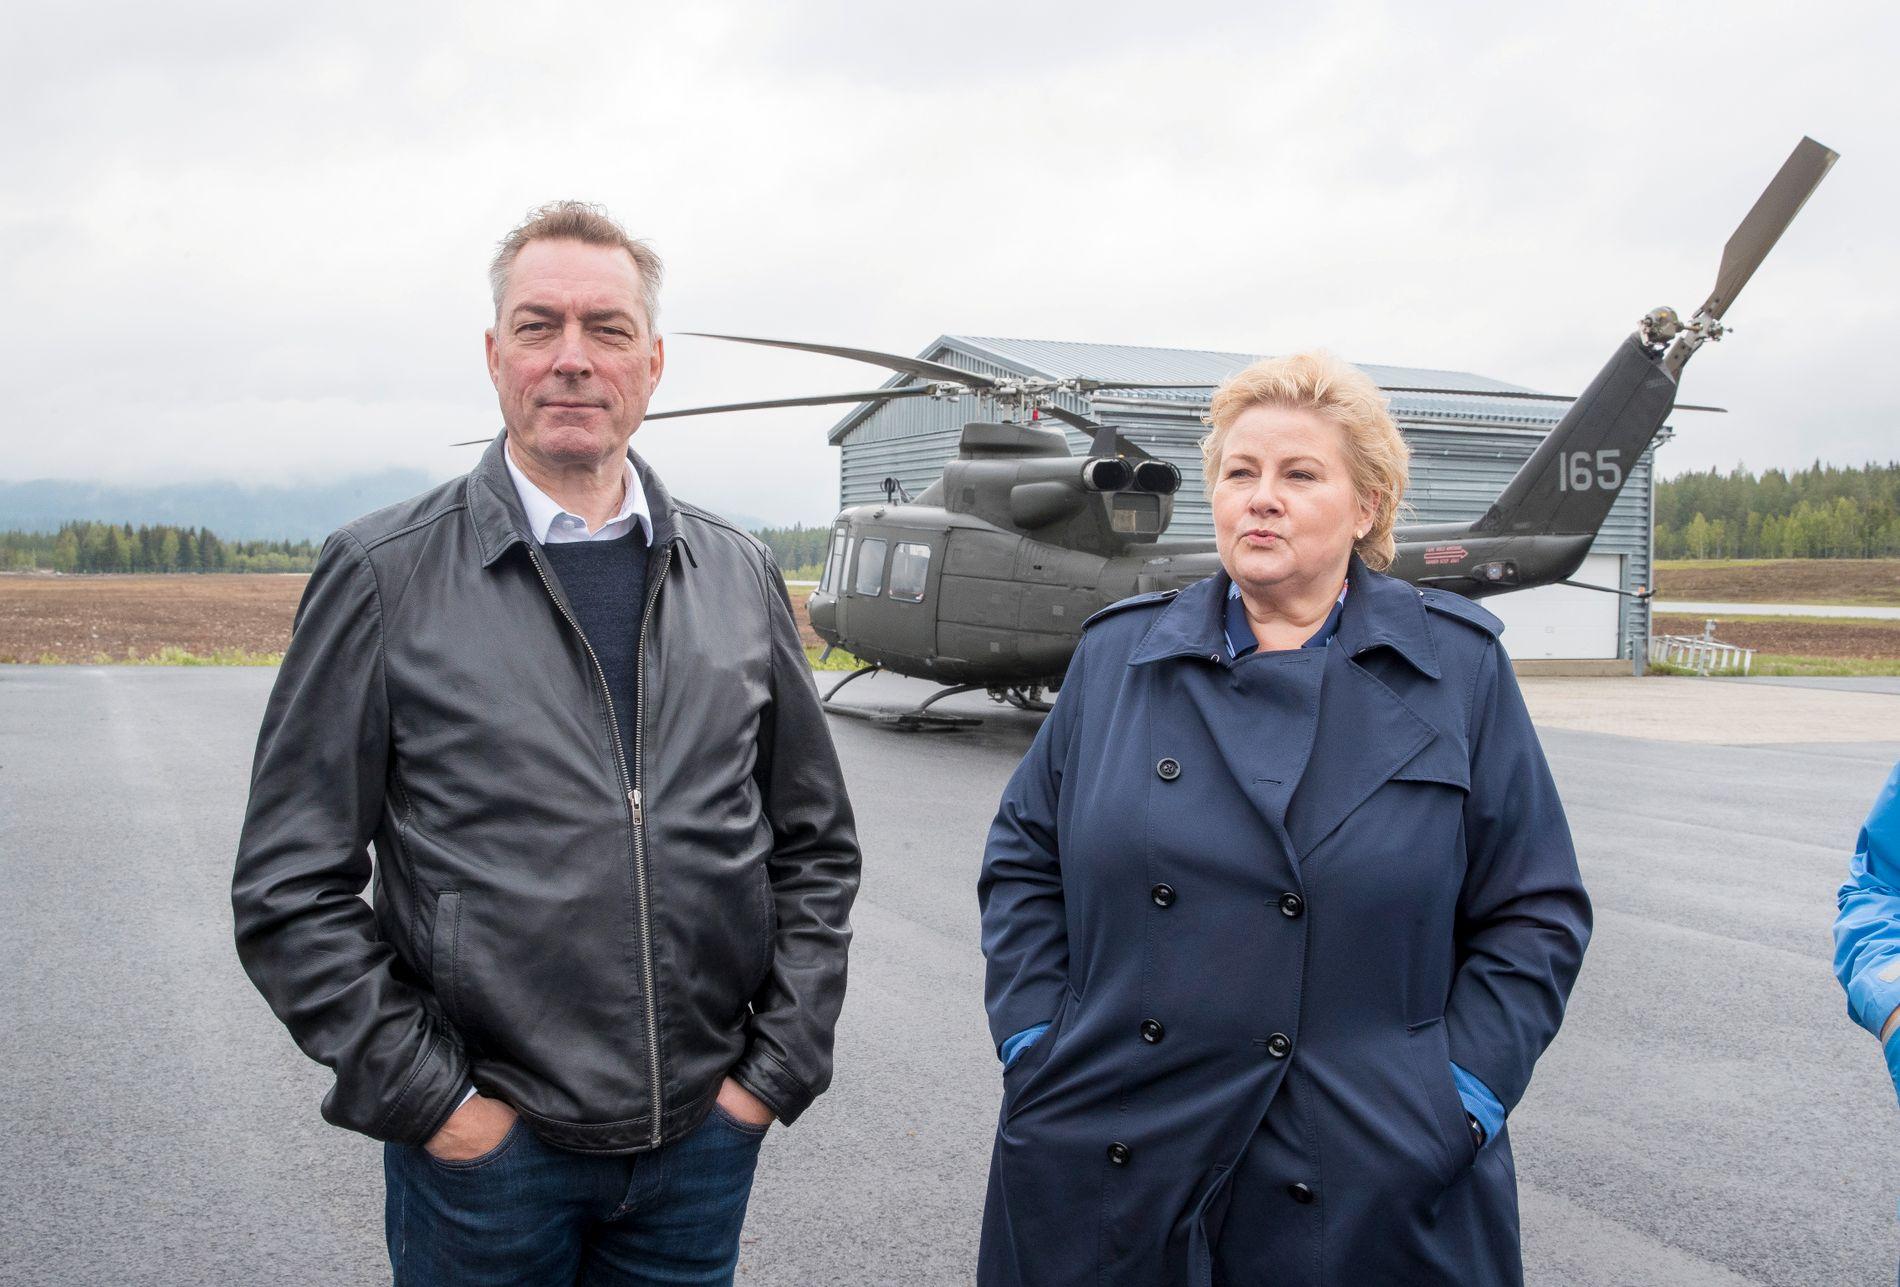 GNITEN: Statsminister Erna Solberg (H) bør gje forsvarsminister Frank Bakke-Jensen (H) midlane som trengst for å forsvare landet, skriv BT på leiarplass.